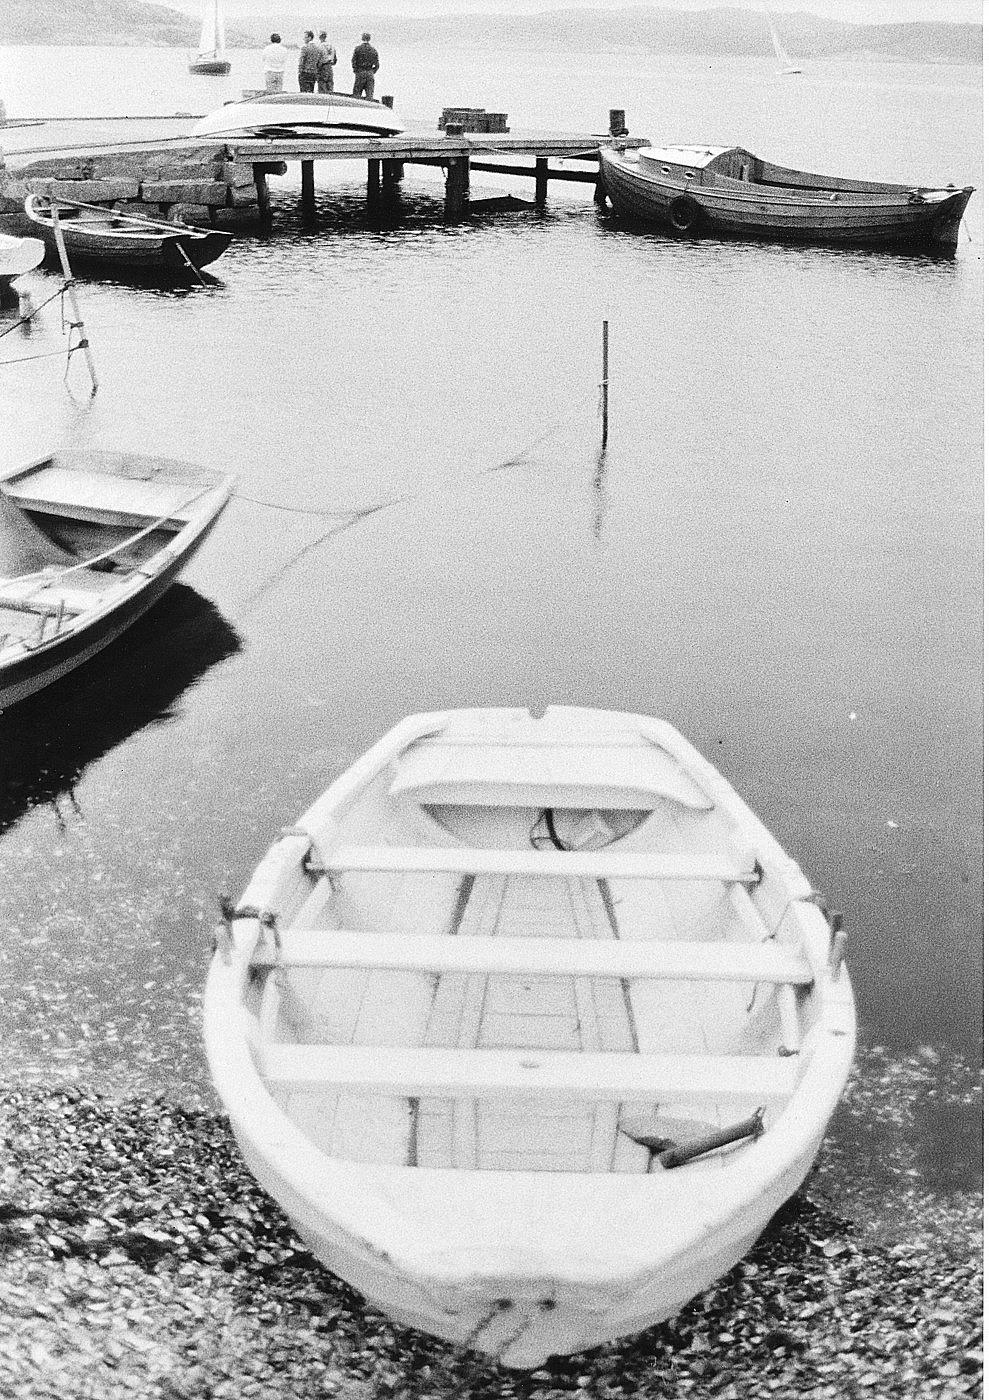 """Foto Claes Funck 1963. Vit eka på strand vid ångbåtsbryggan. """"Skäl"""", dvs blåmusselskal täcker stränderna nordväst om konservfabriken SJÖMÄRKET. Blåmusslor utifrån havet köptes och kokades. Skalen, med pärlemor på insidan, kastades på stränderna. Detta är en lånad eka av Amundus Karlsson som dragits upp på stranden vid pensionatet. Sedermera täcktes stranden av sten från stenhuggeriet."""